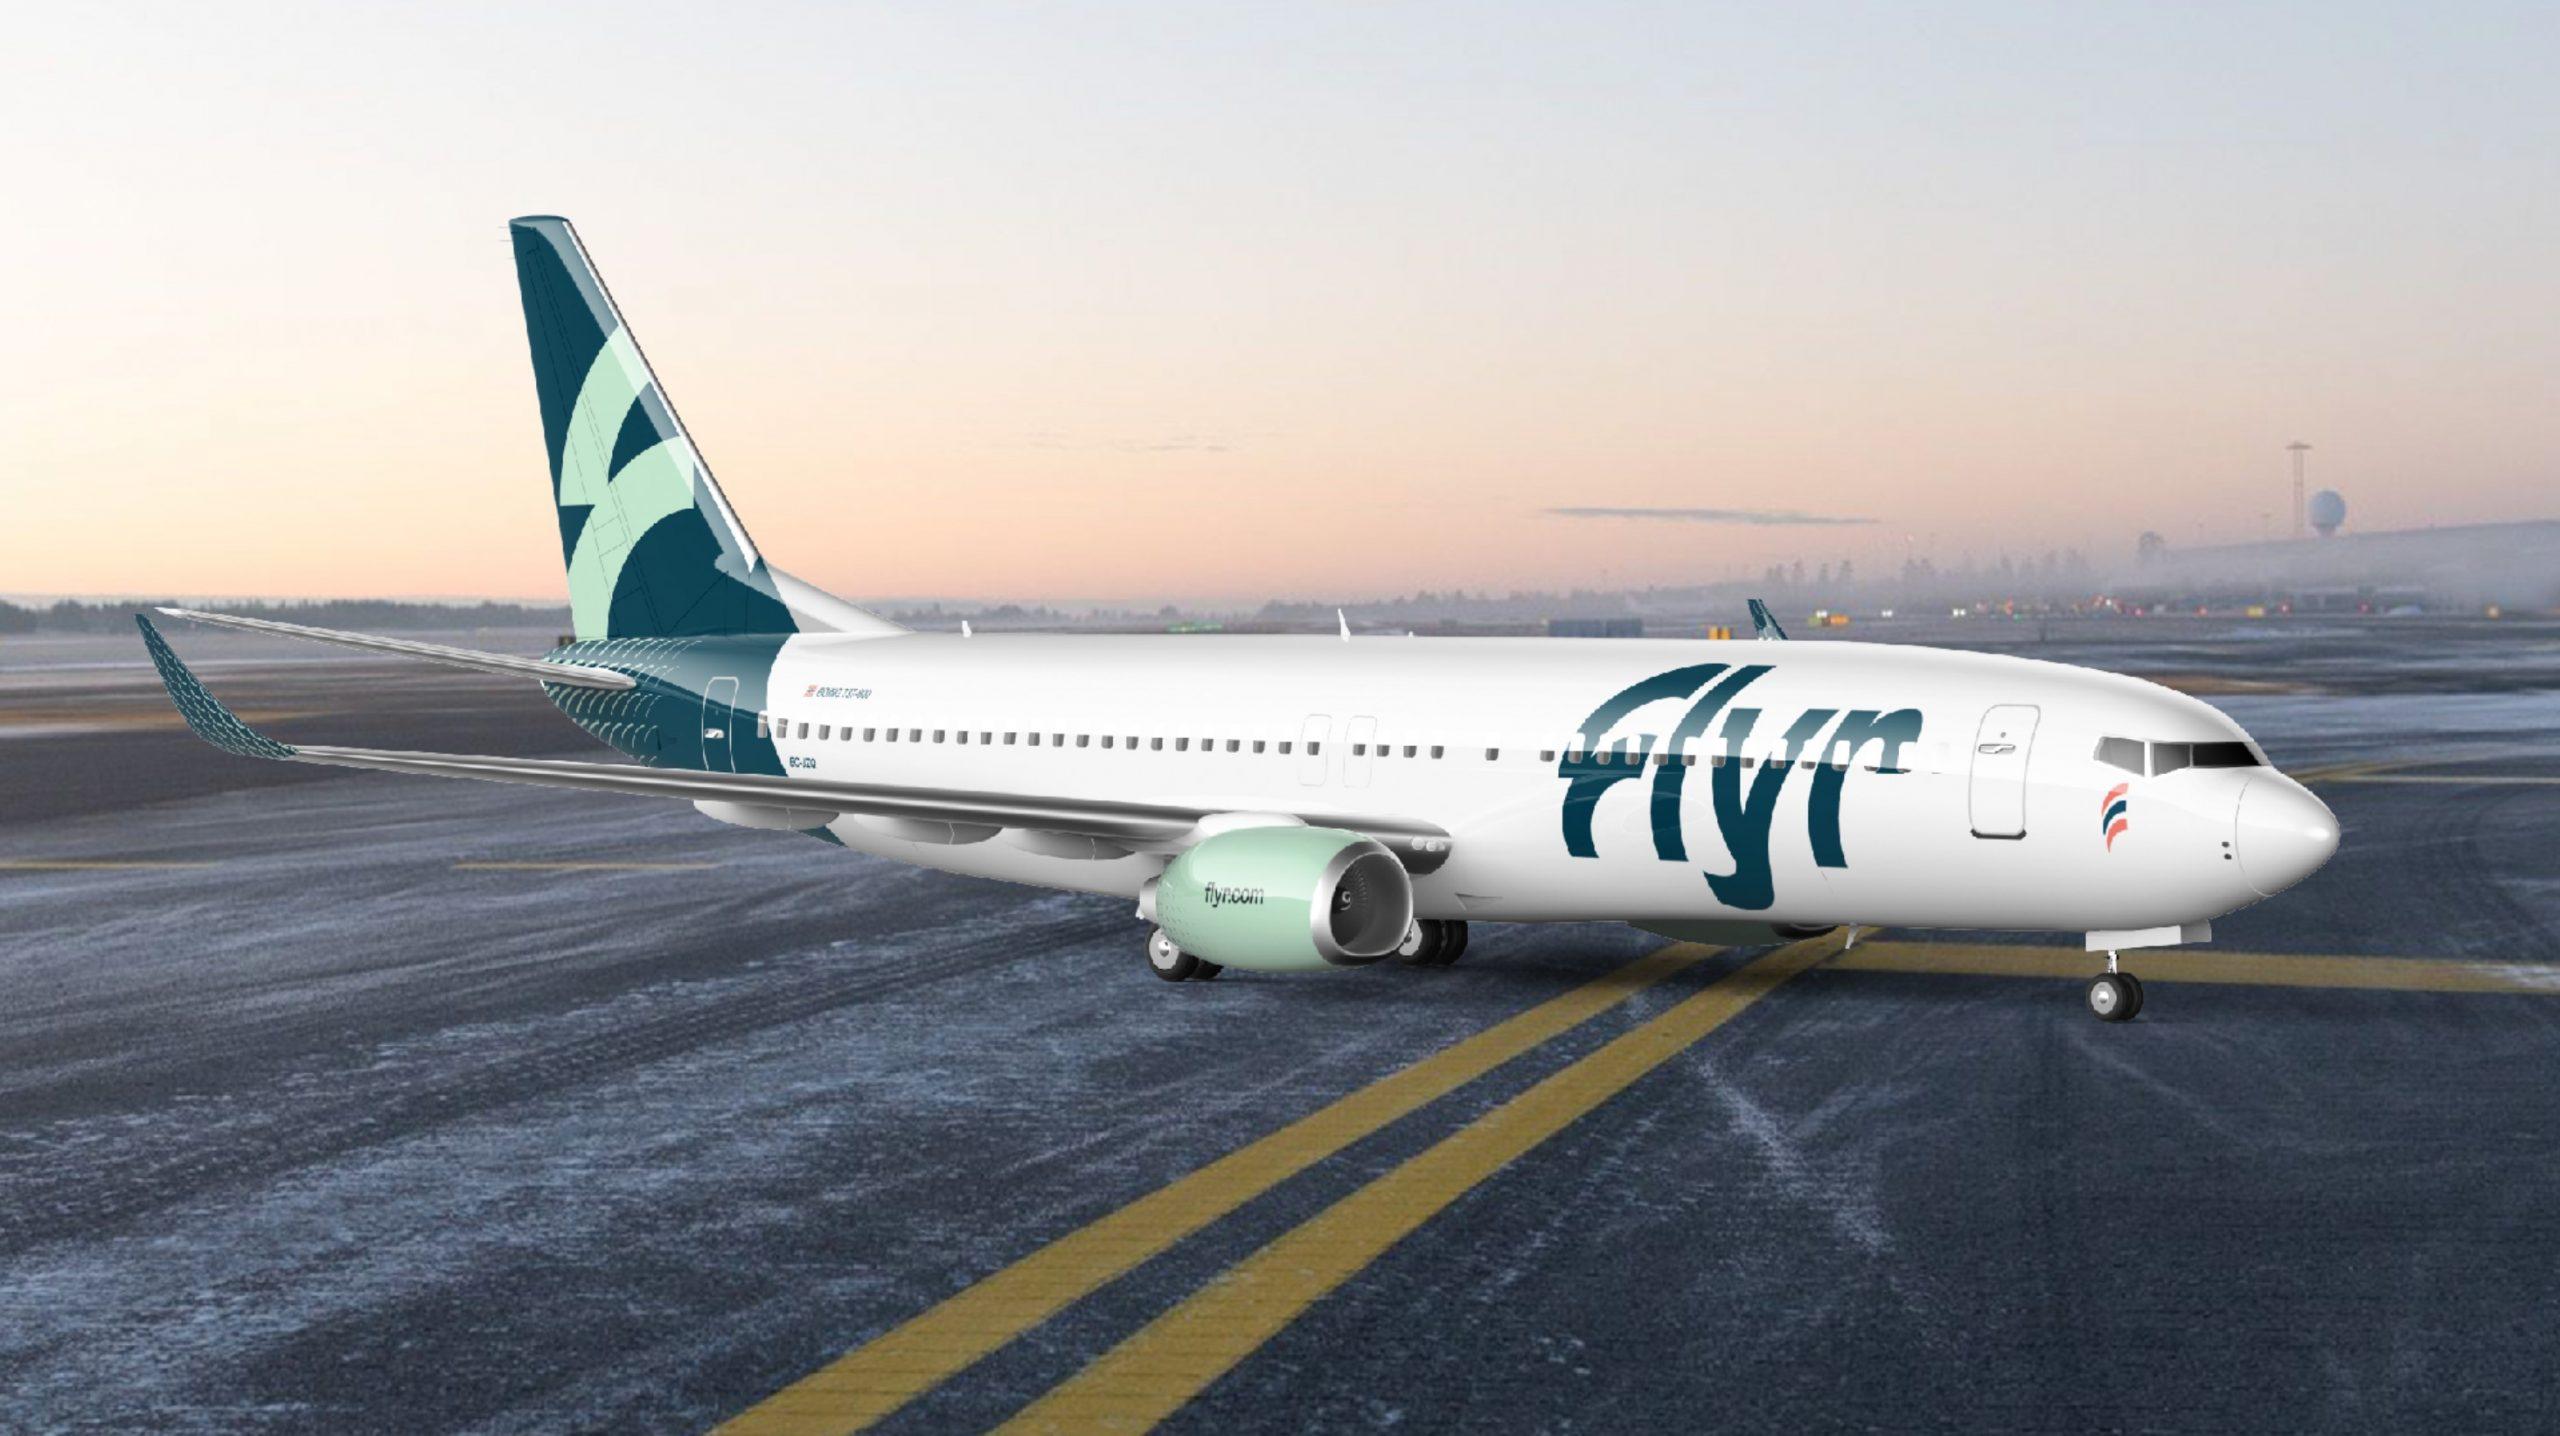 Boeing 737-800 i Flyr-bemaling. (Illustration: Flyr | PR)